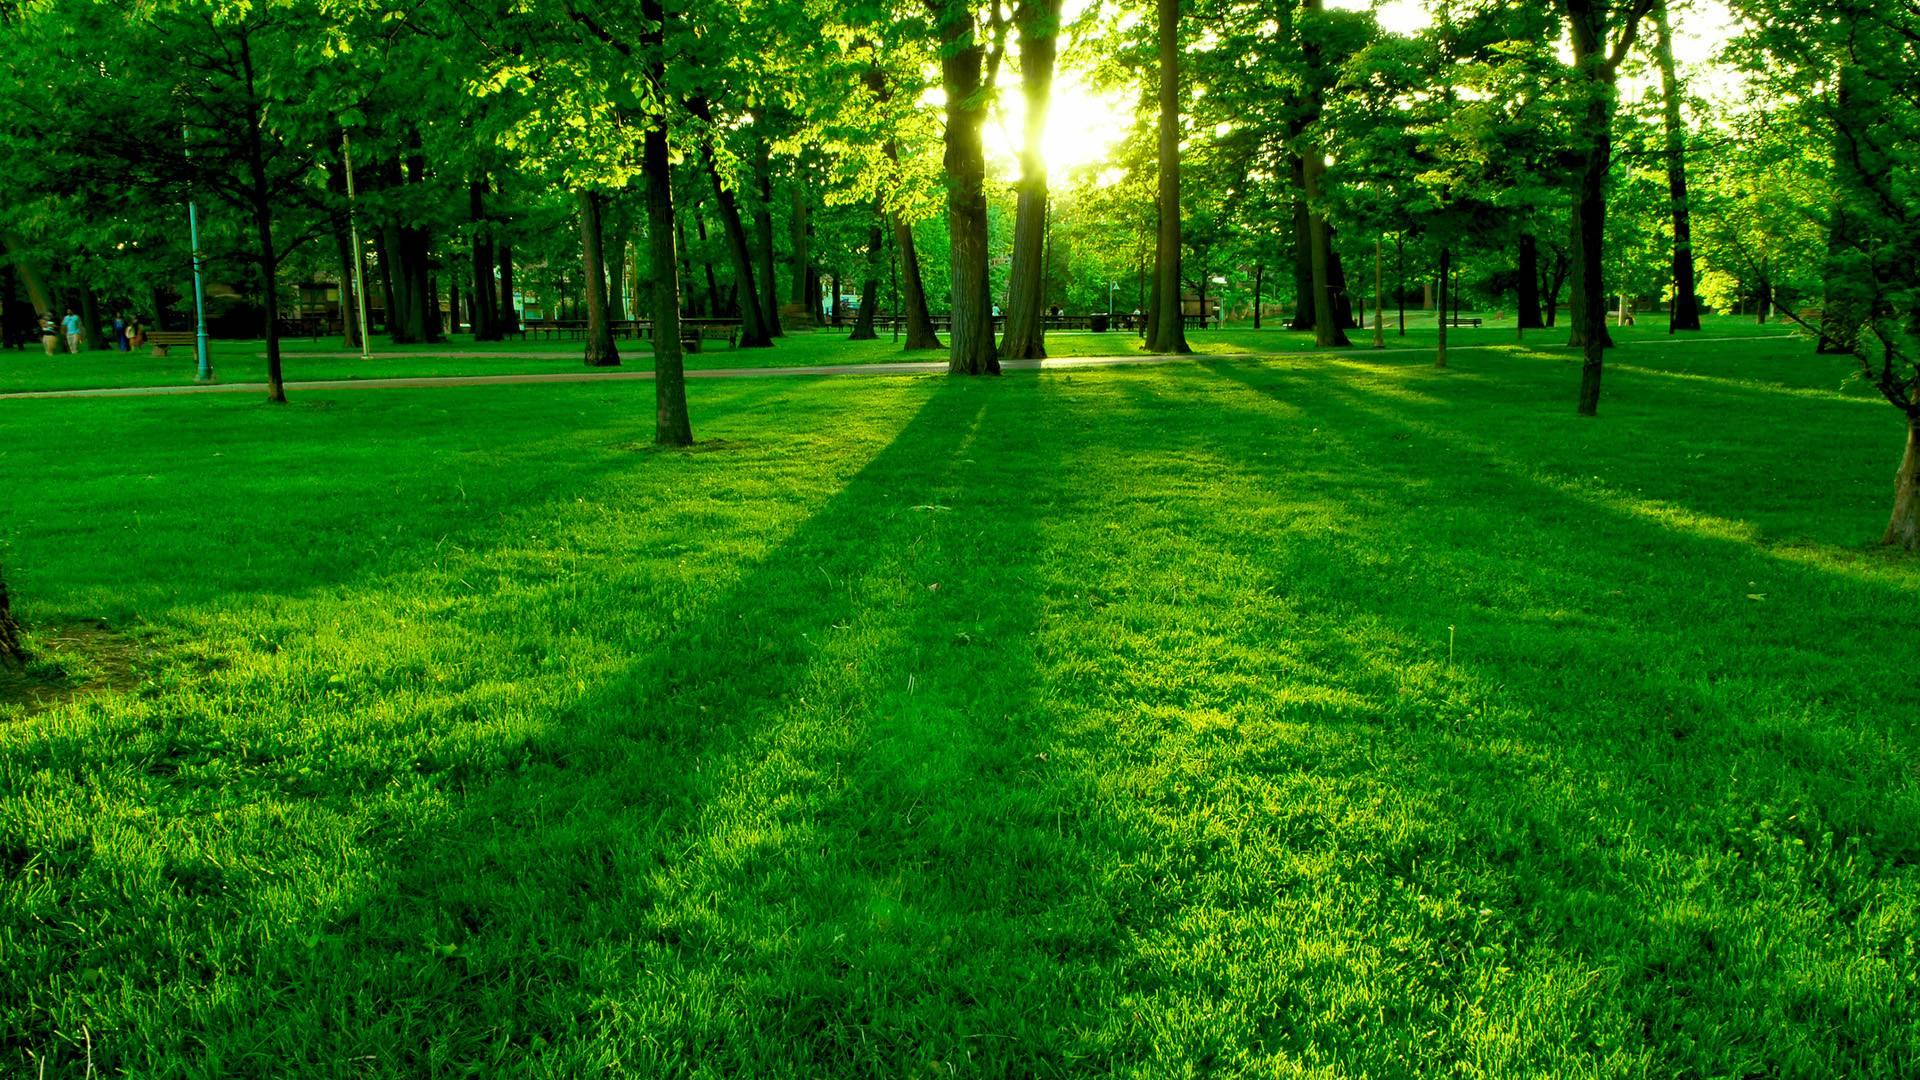 best nature1920x1080 iimgurcom - photo #4